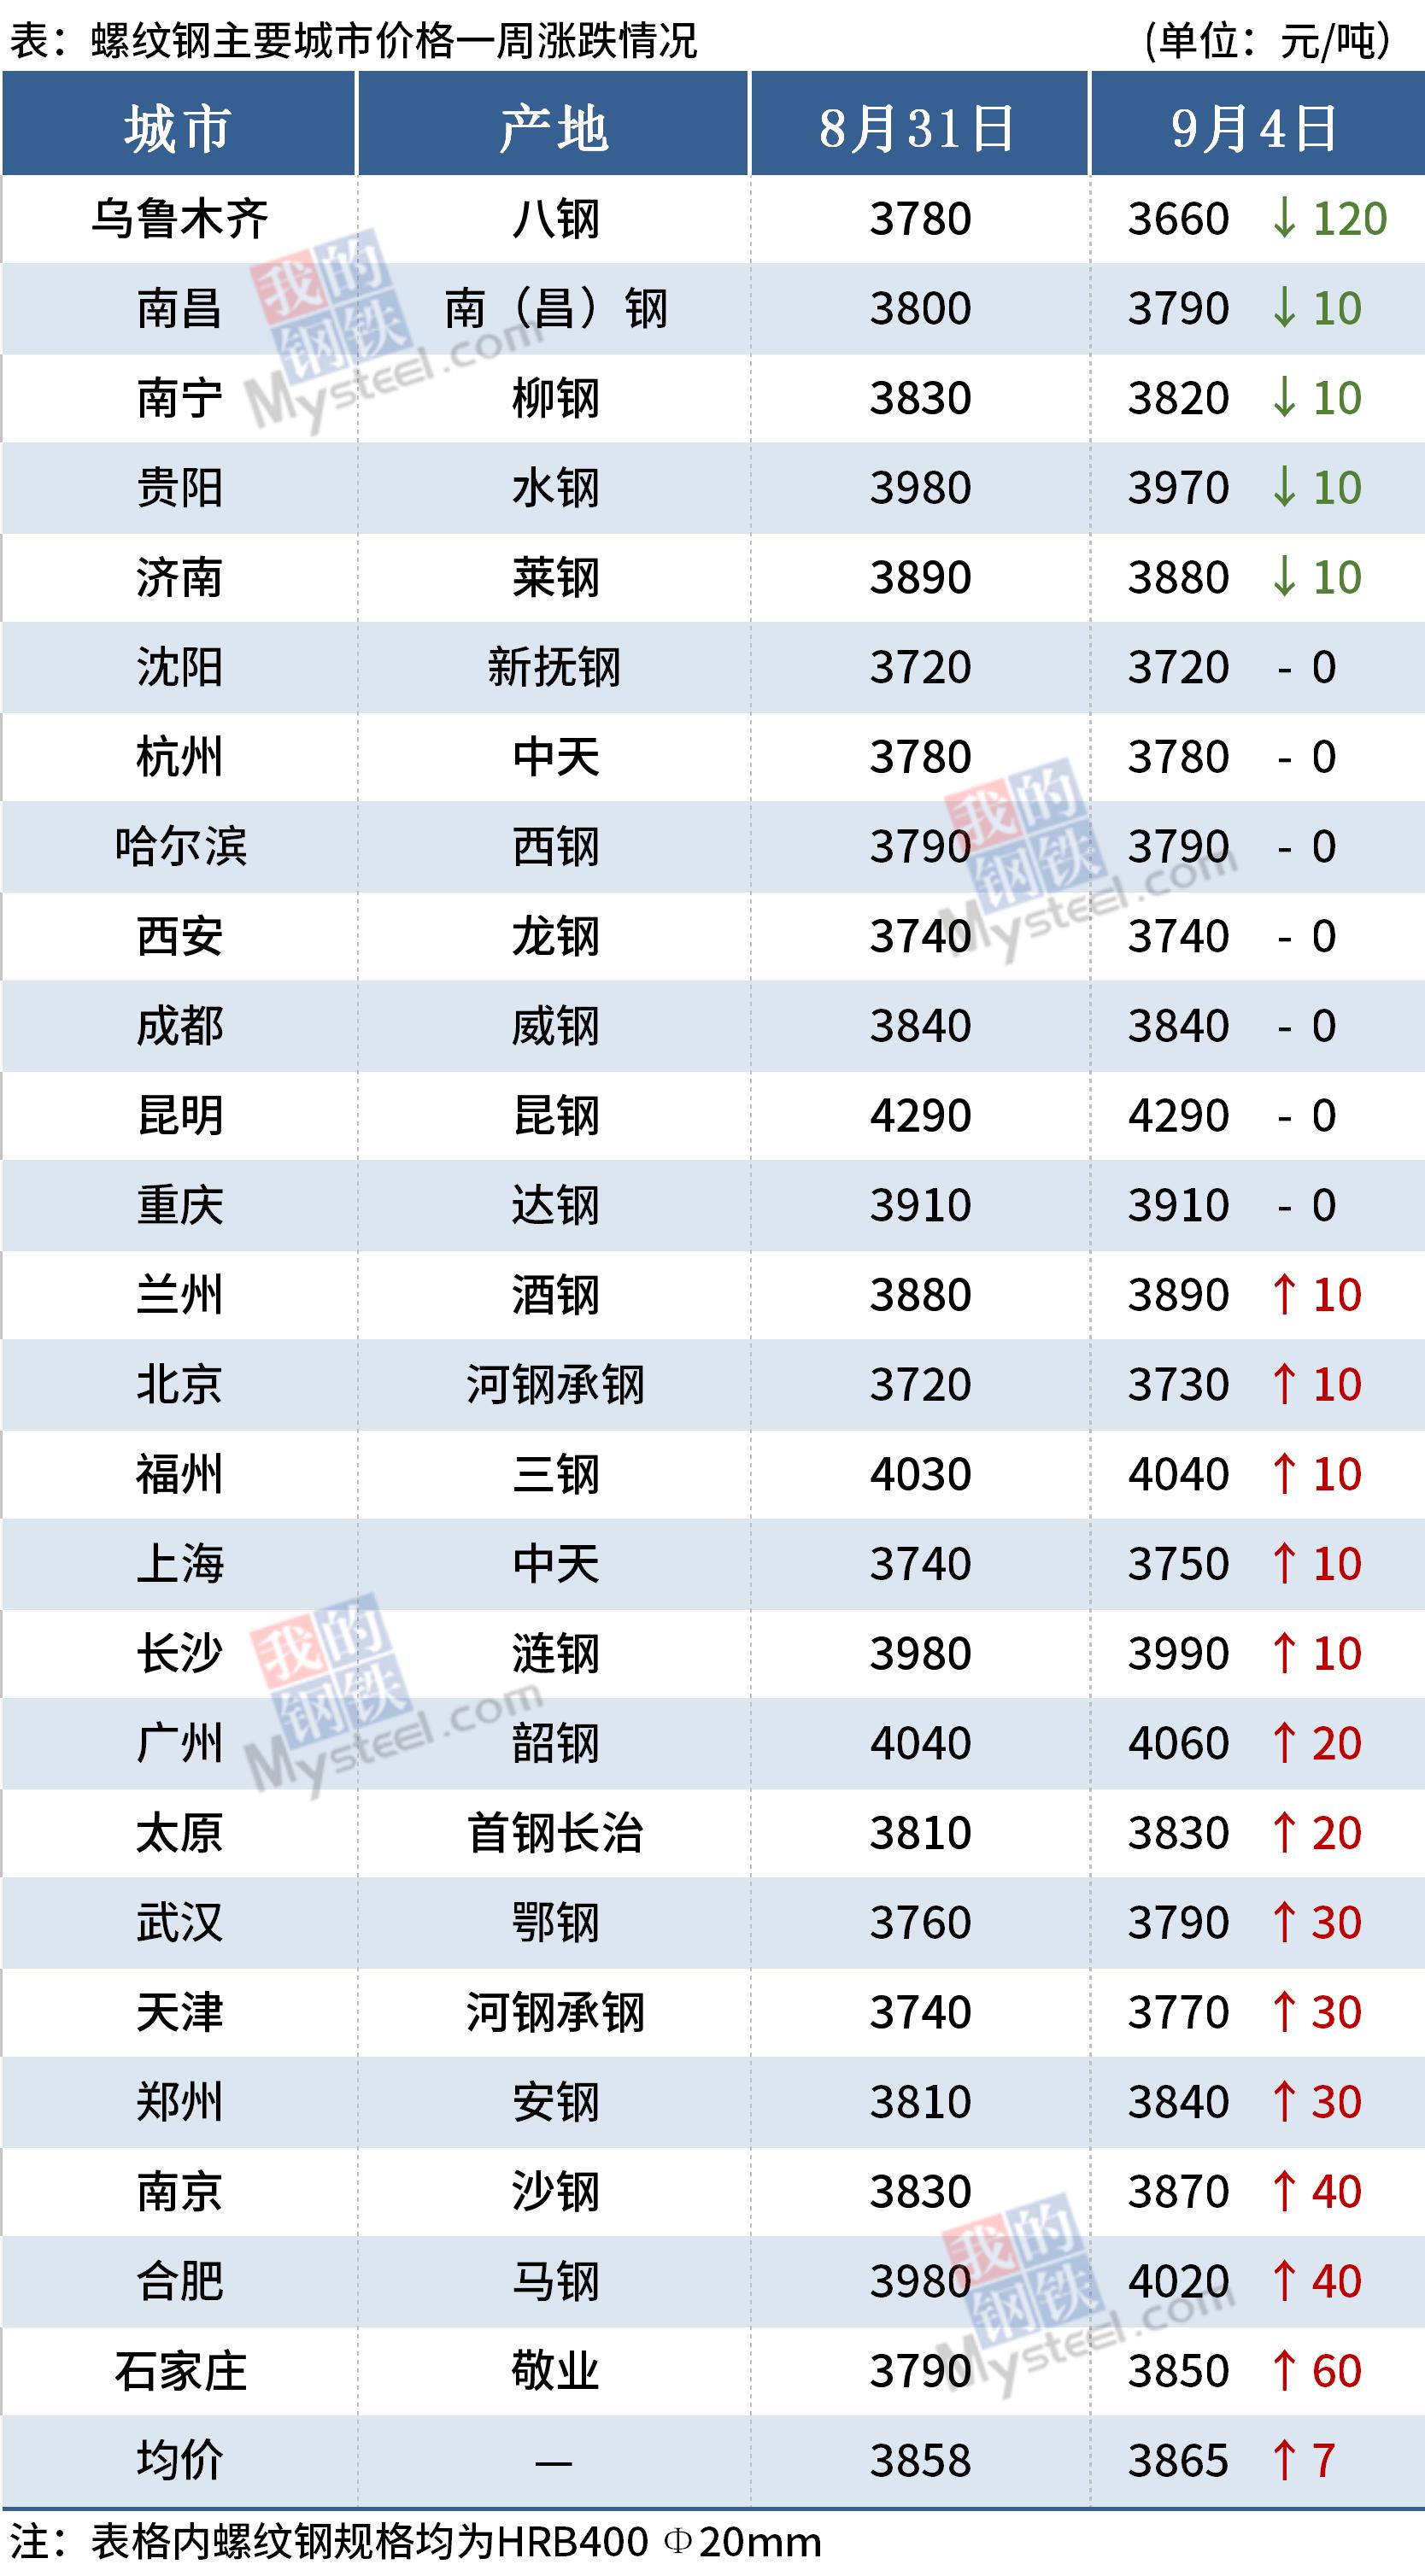 螺纹钢主要城市价格一周涨跌情况(9月4日)